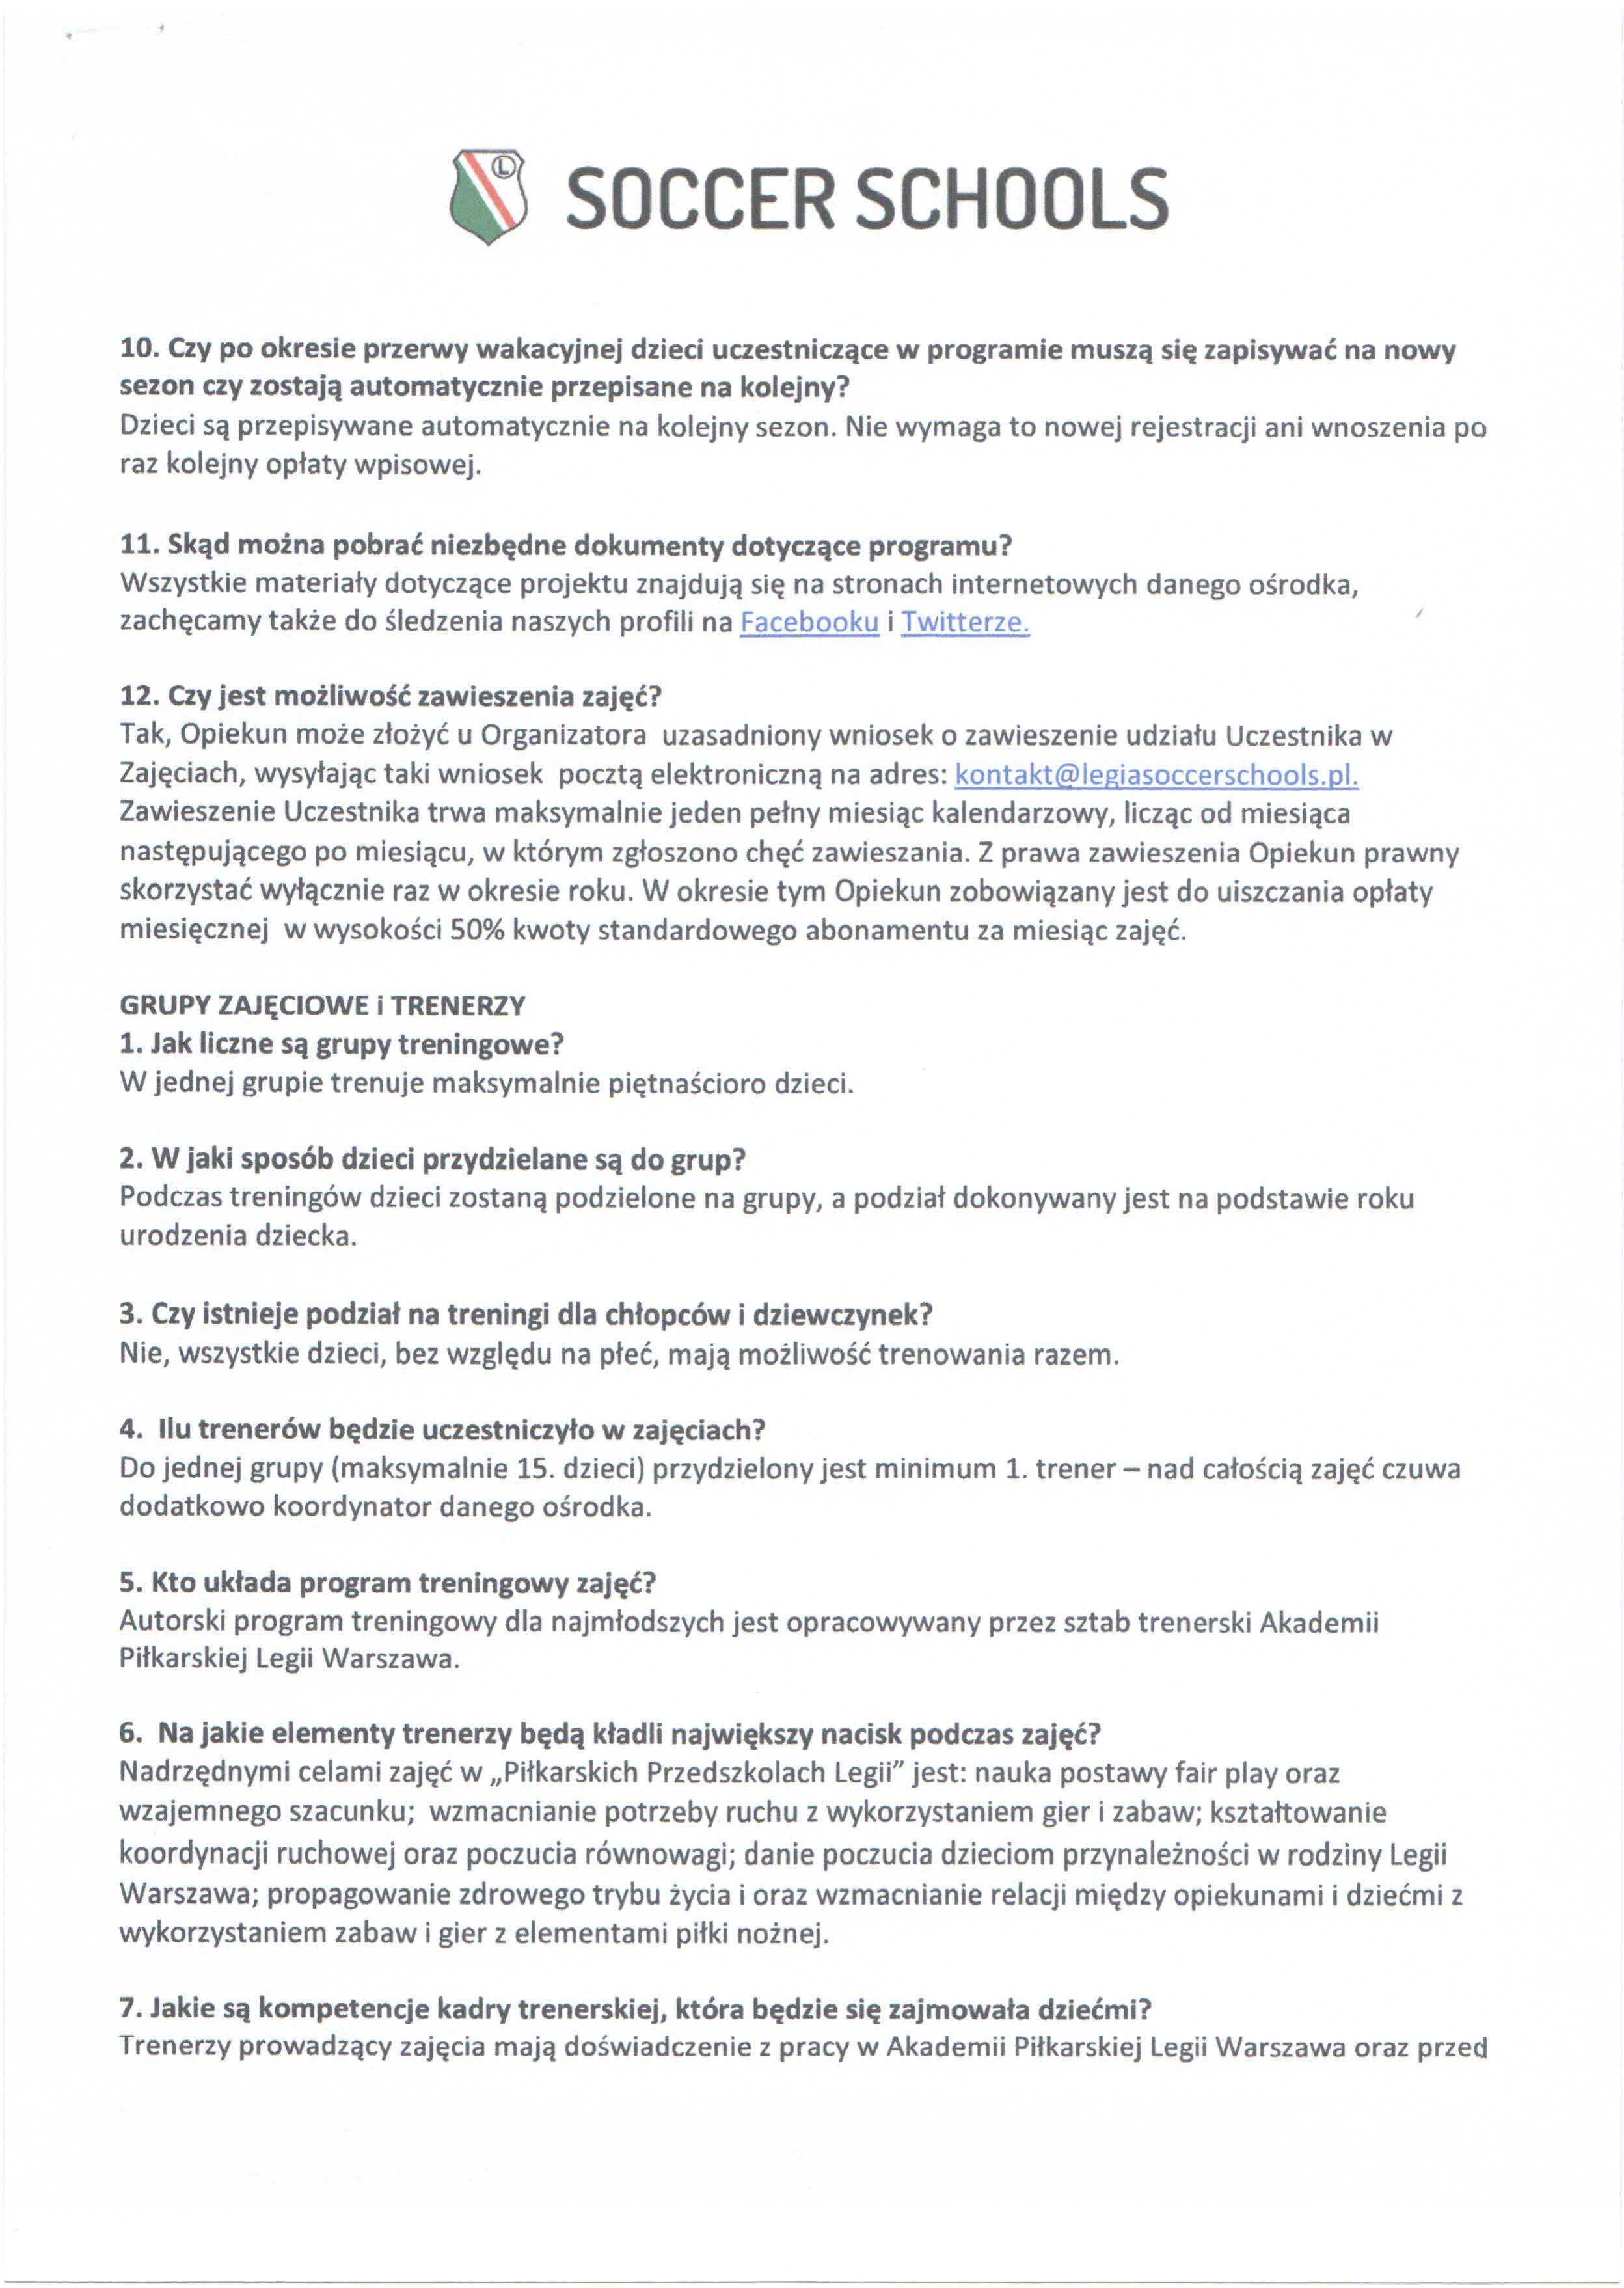 FAQ_-_najczestsze_pytania.3.jpg